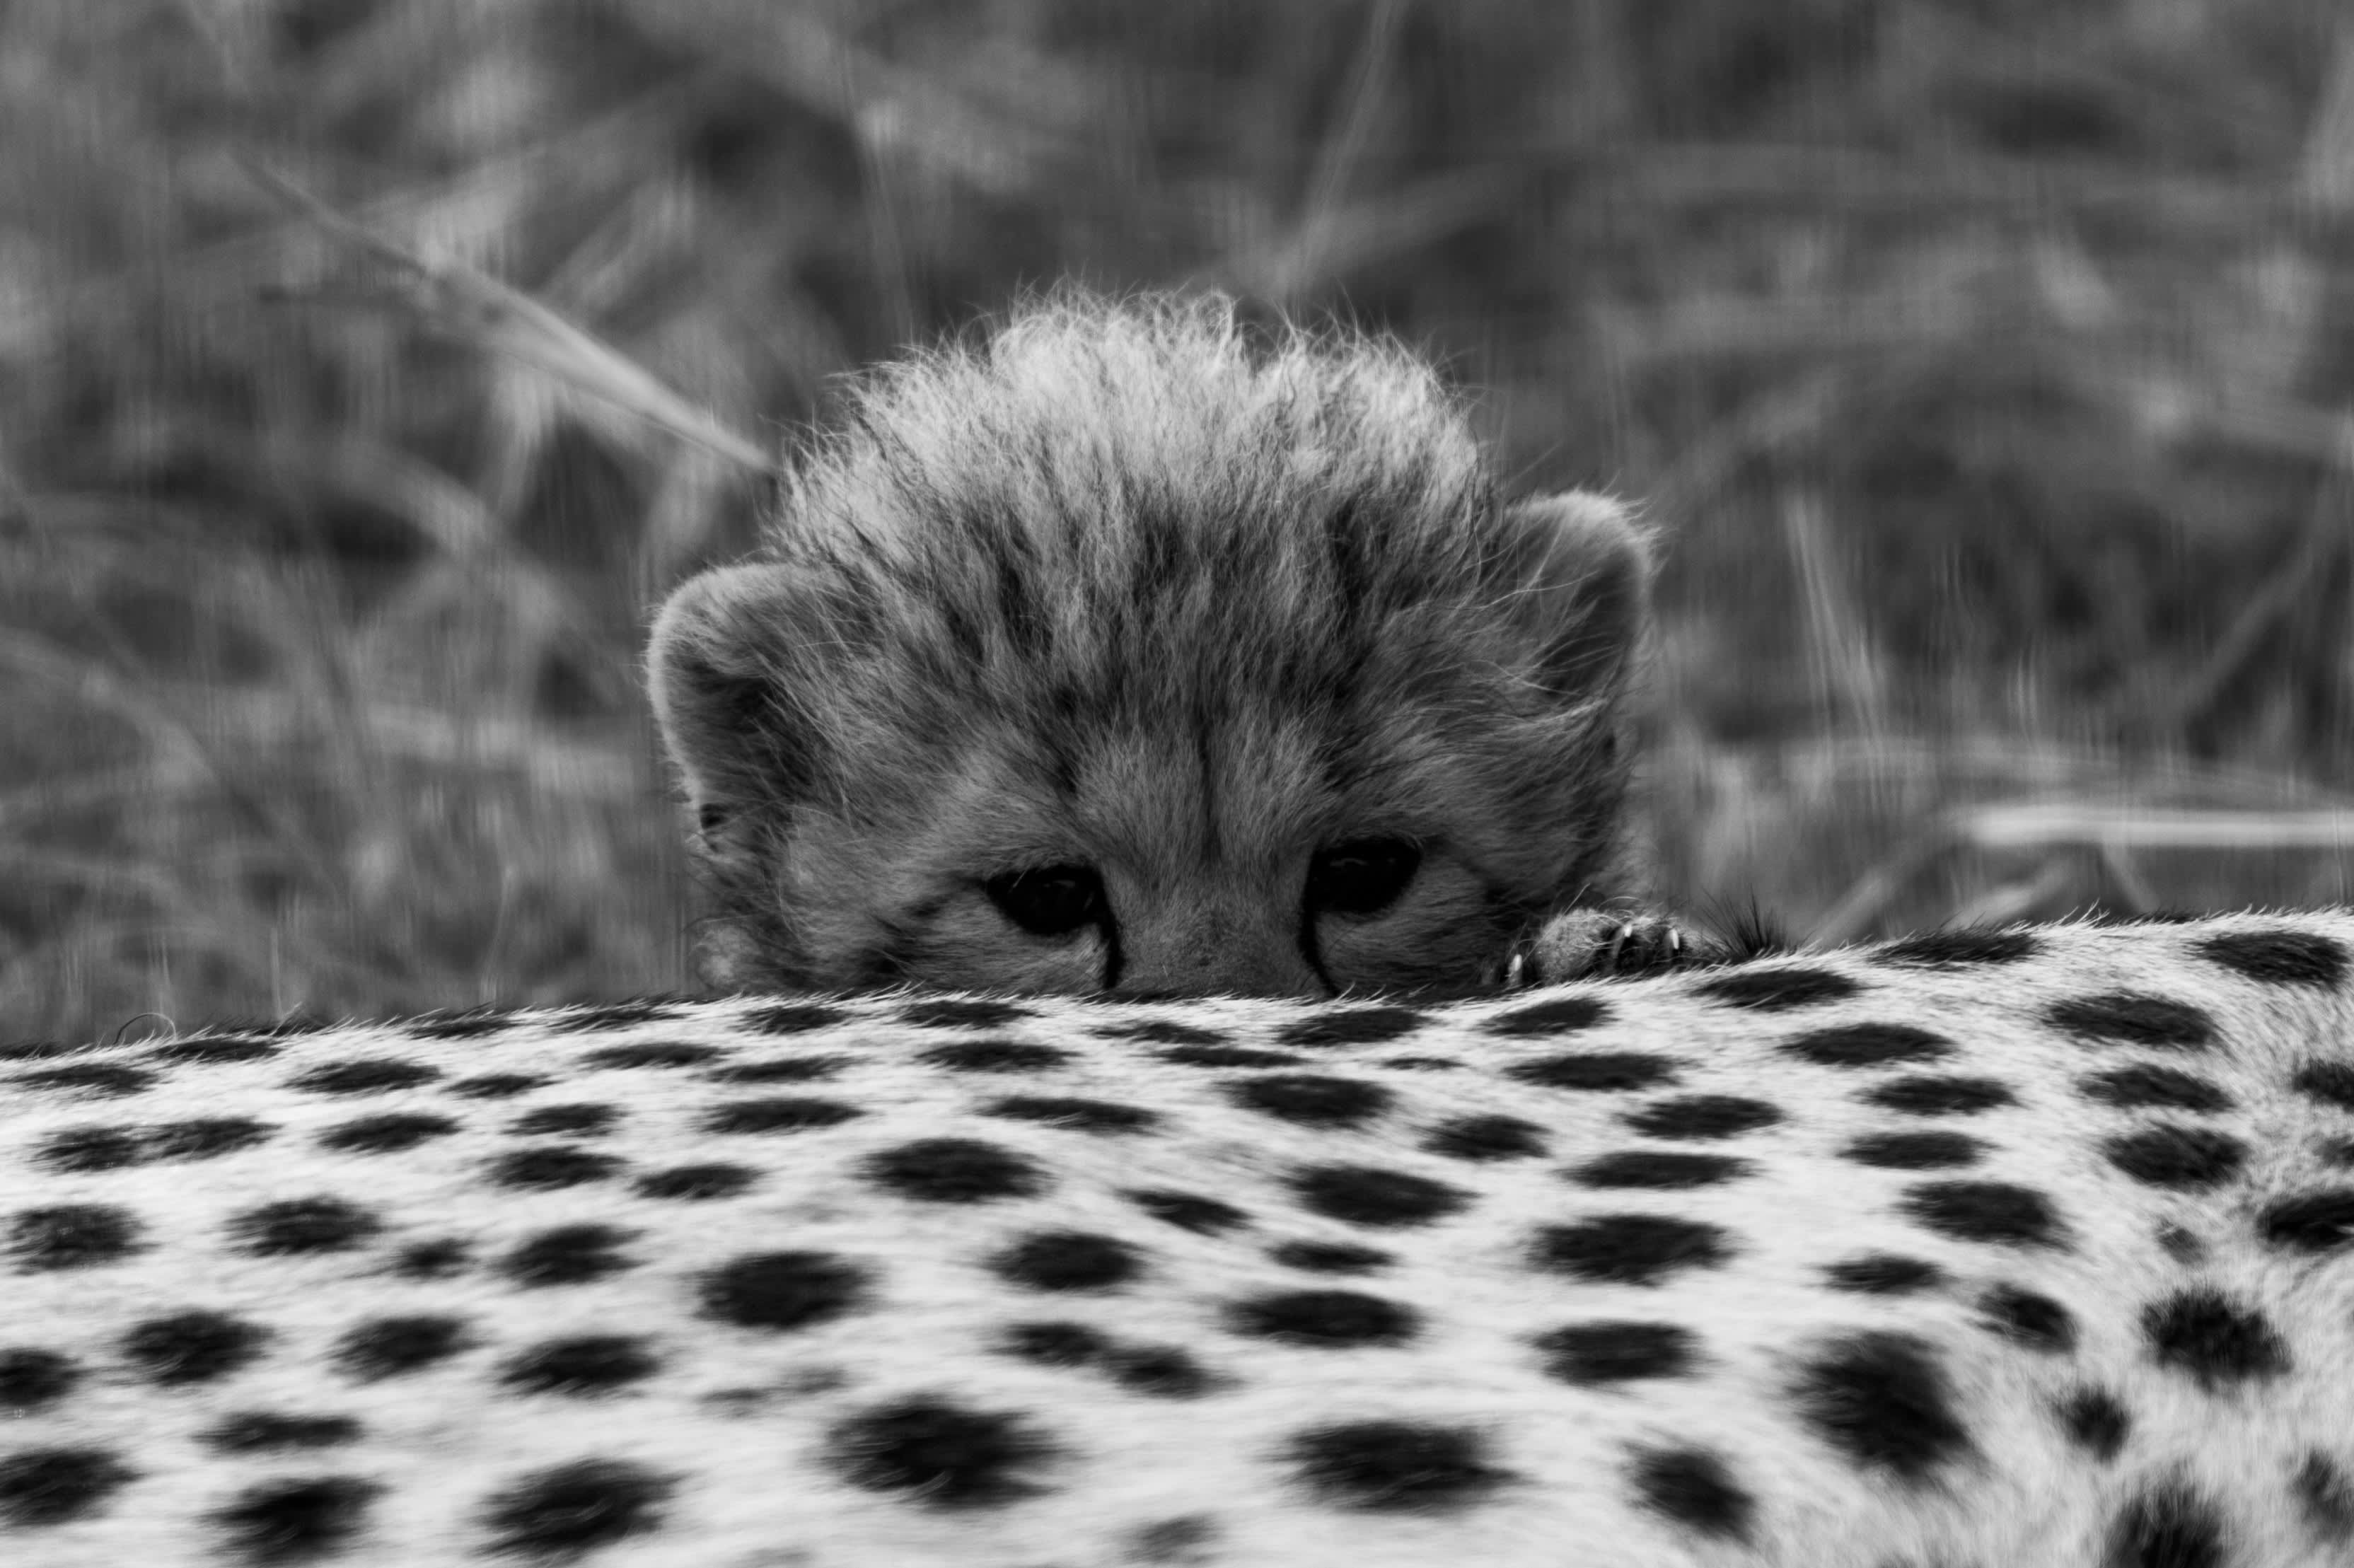 Baby Cheetah taking a peek